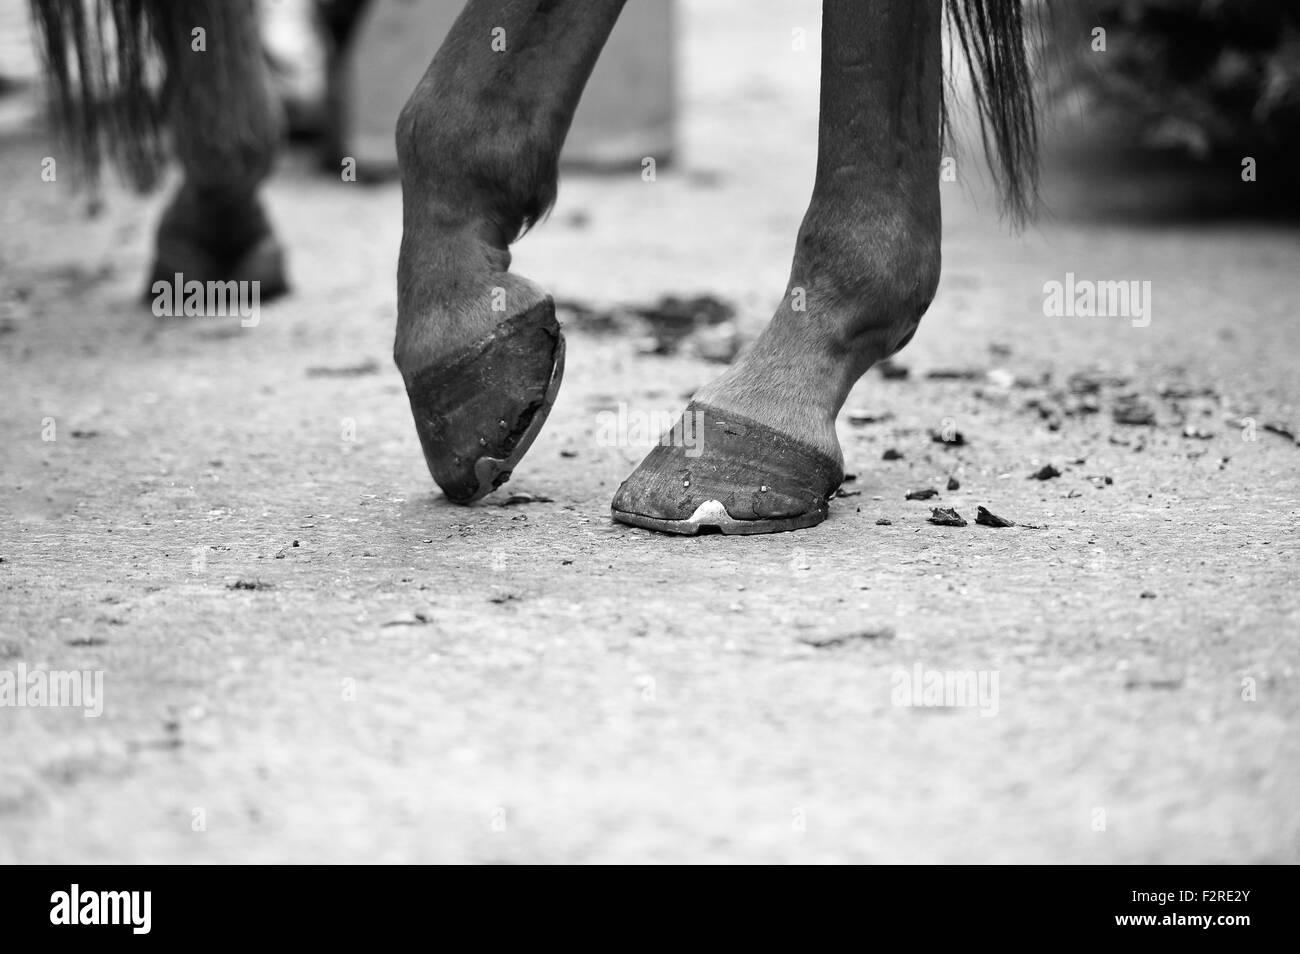 Horse hoof close-up image - Stock Image